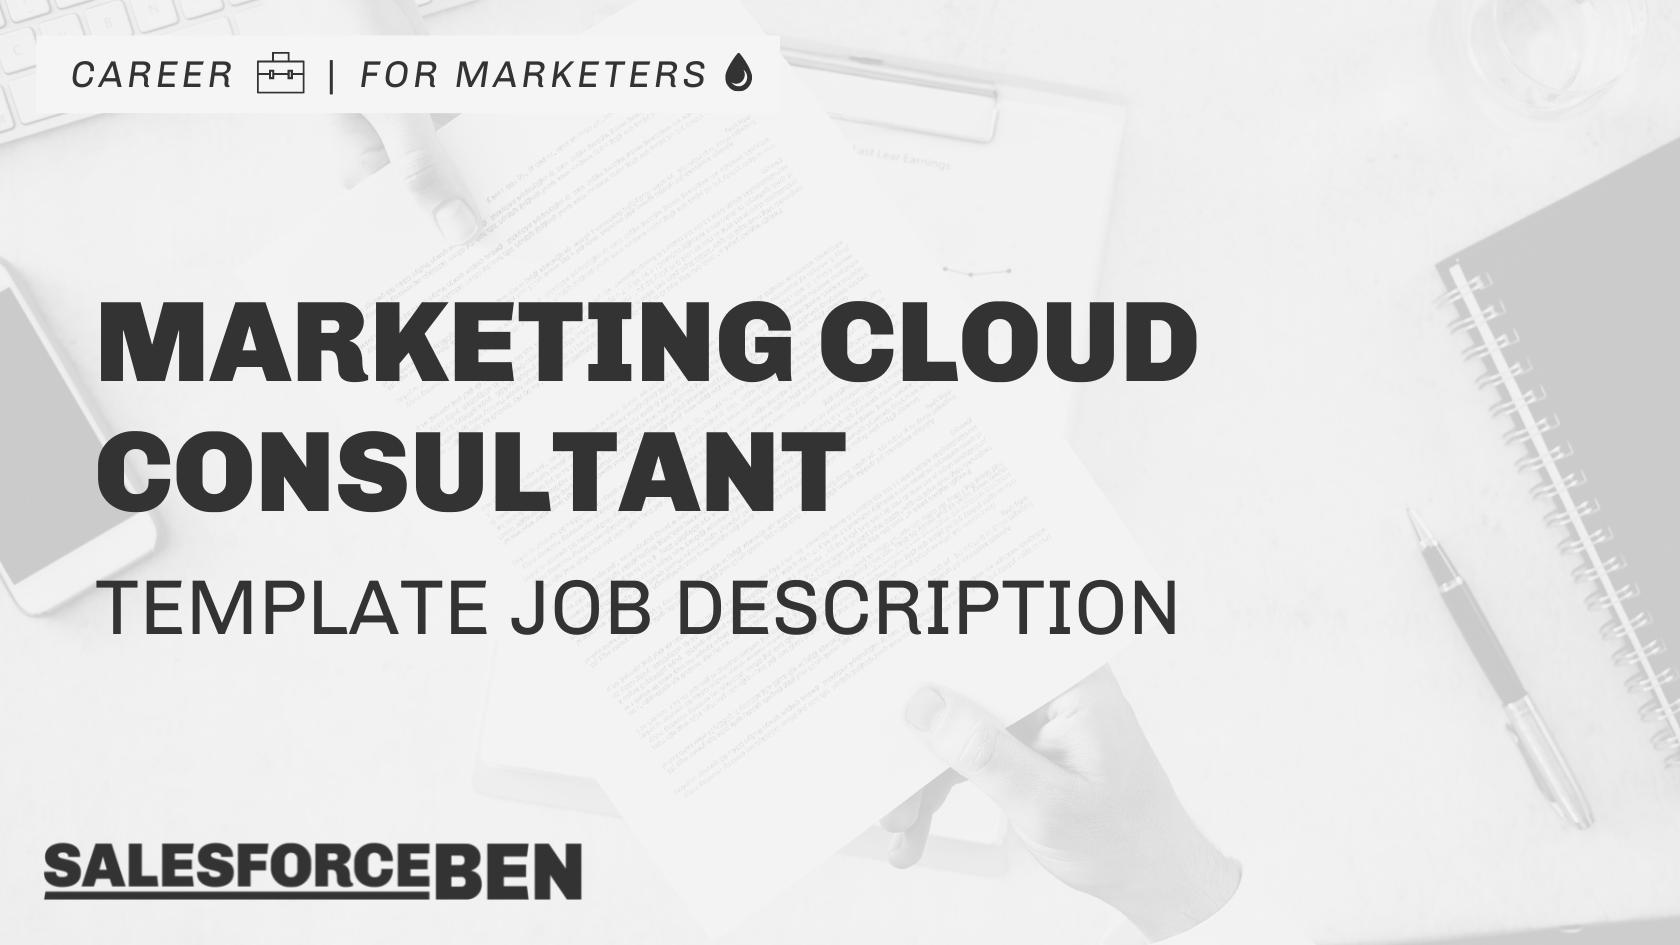 Marketing Cloud Consultant Job Description